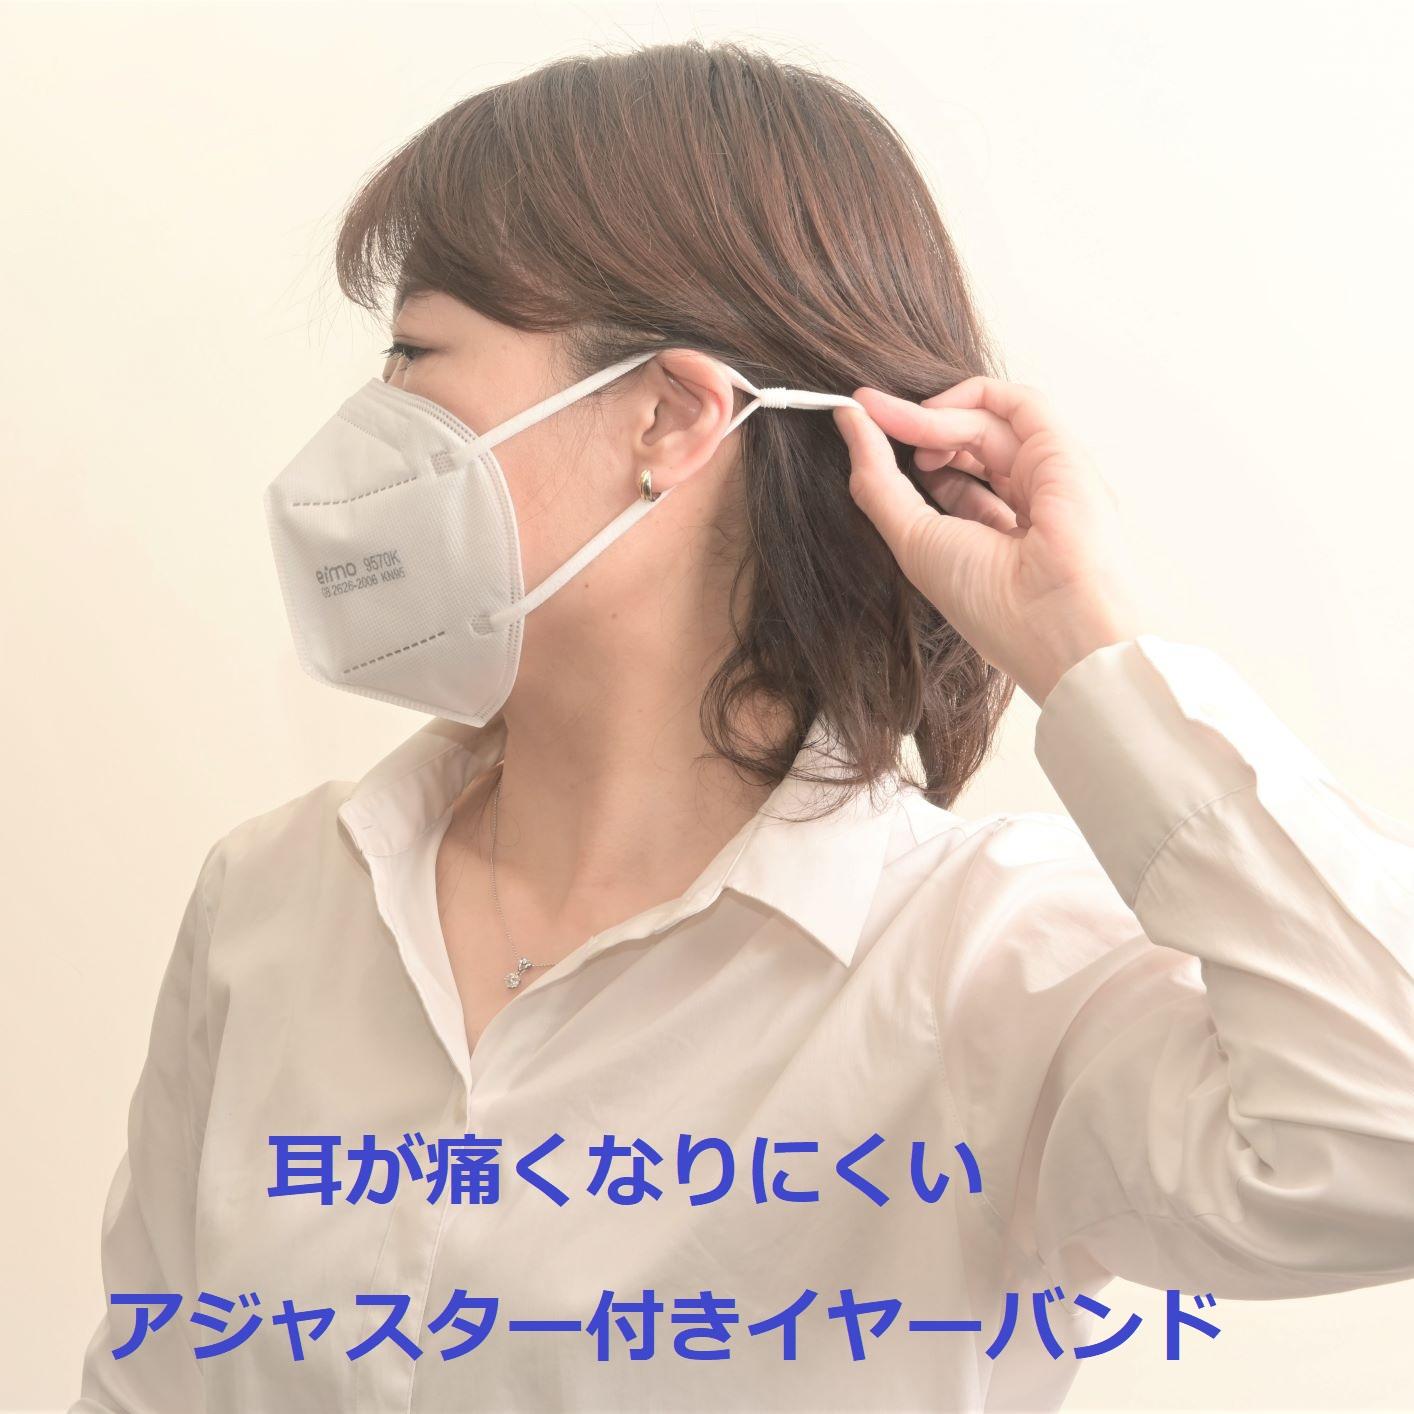 銀+銅イオン抗菌 微粒子用マスク/少量パック